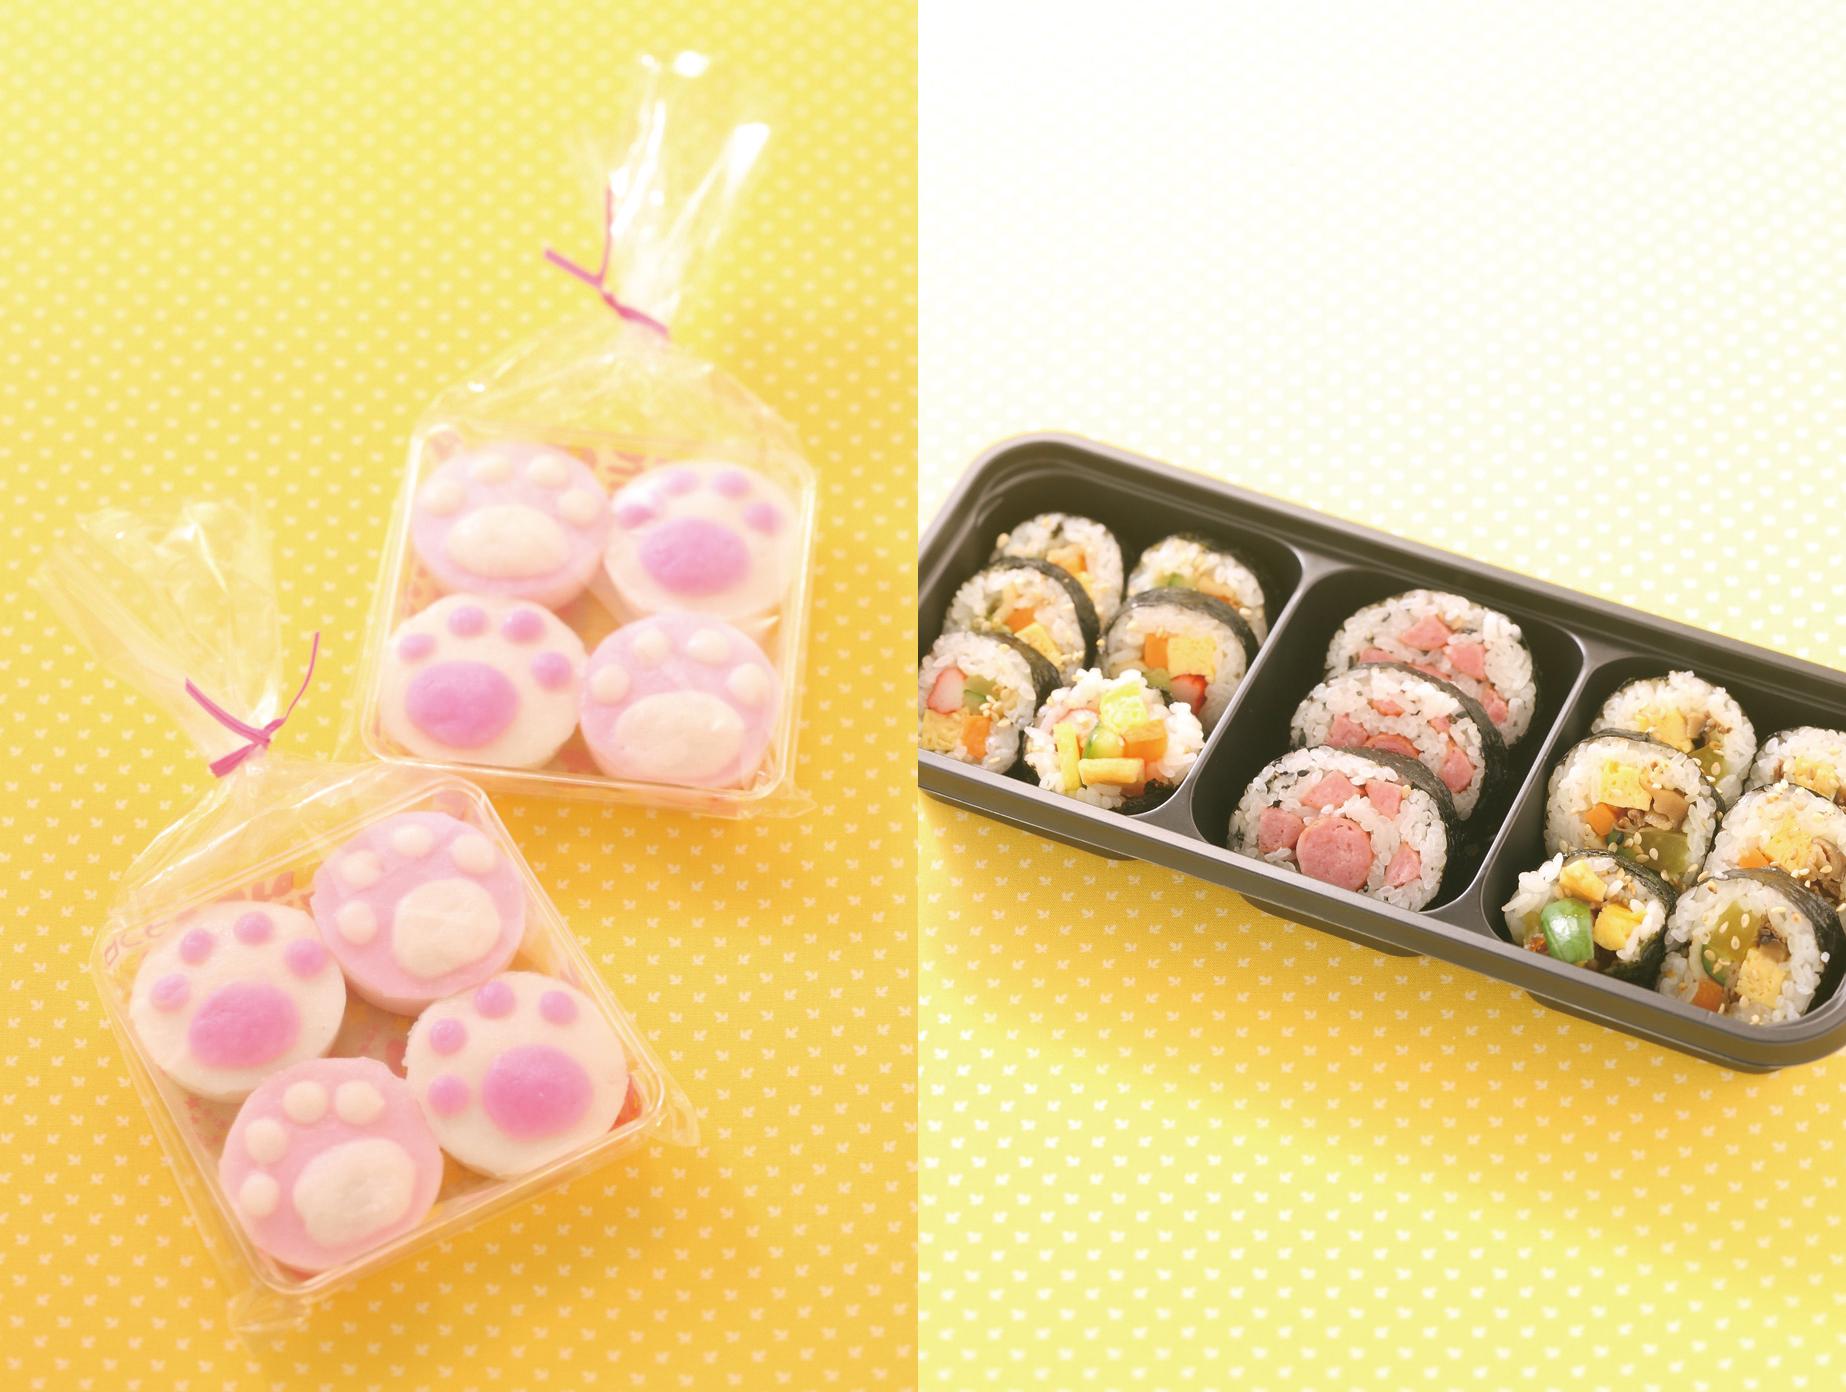 左から「和田八」のまねきネリ4個入り648円、「サランバン」のにゃらんのキンパBOX702円